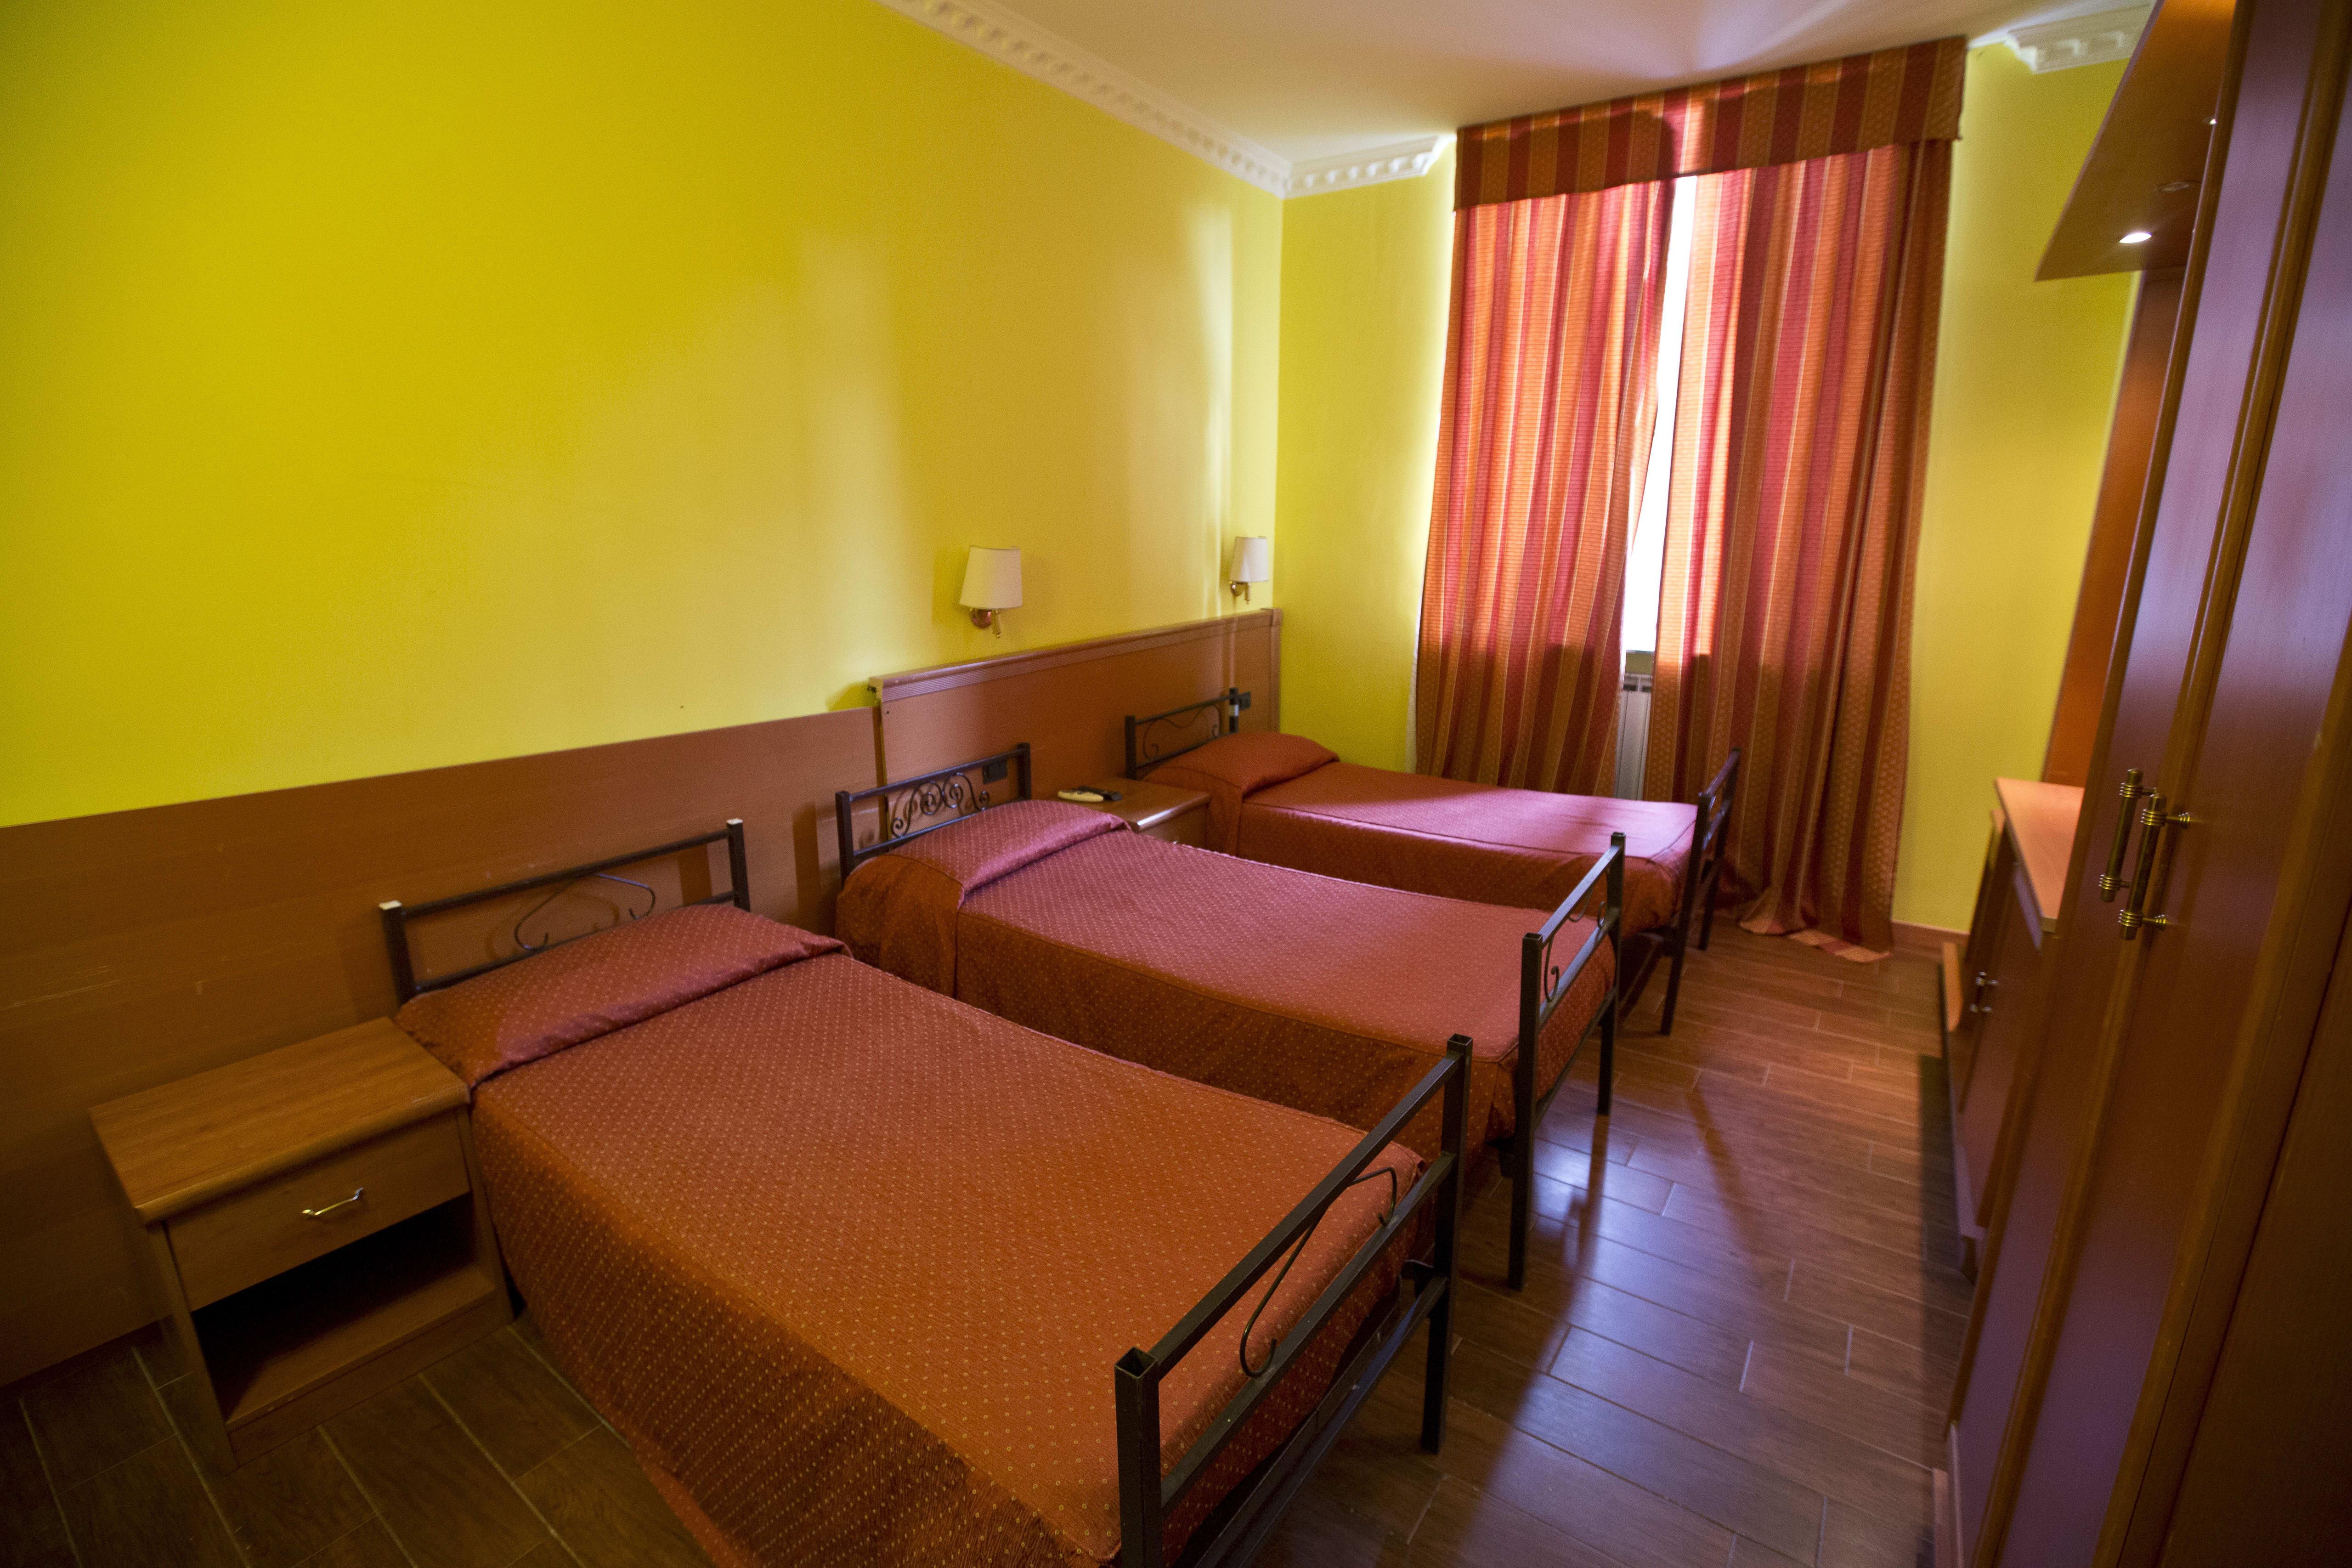 HOSTEL - Hostel Beautiful 2